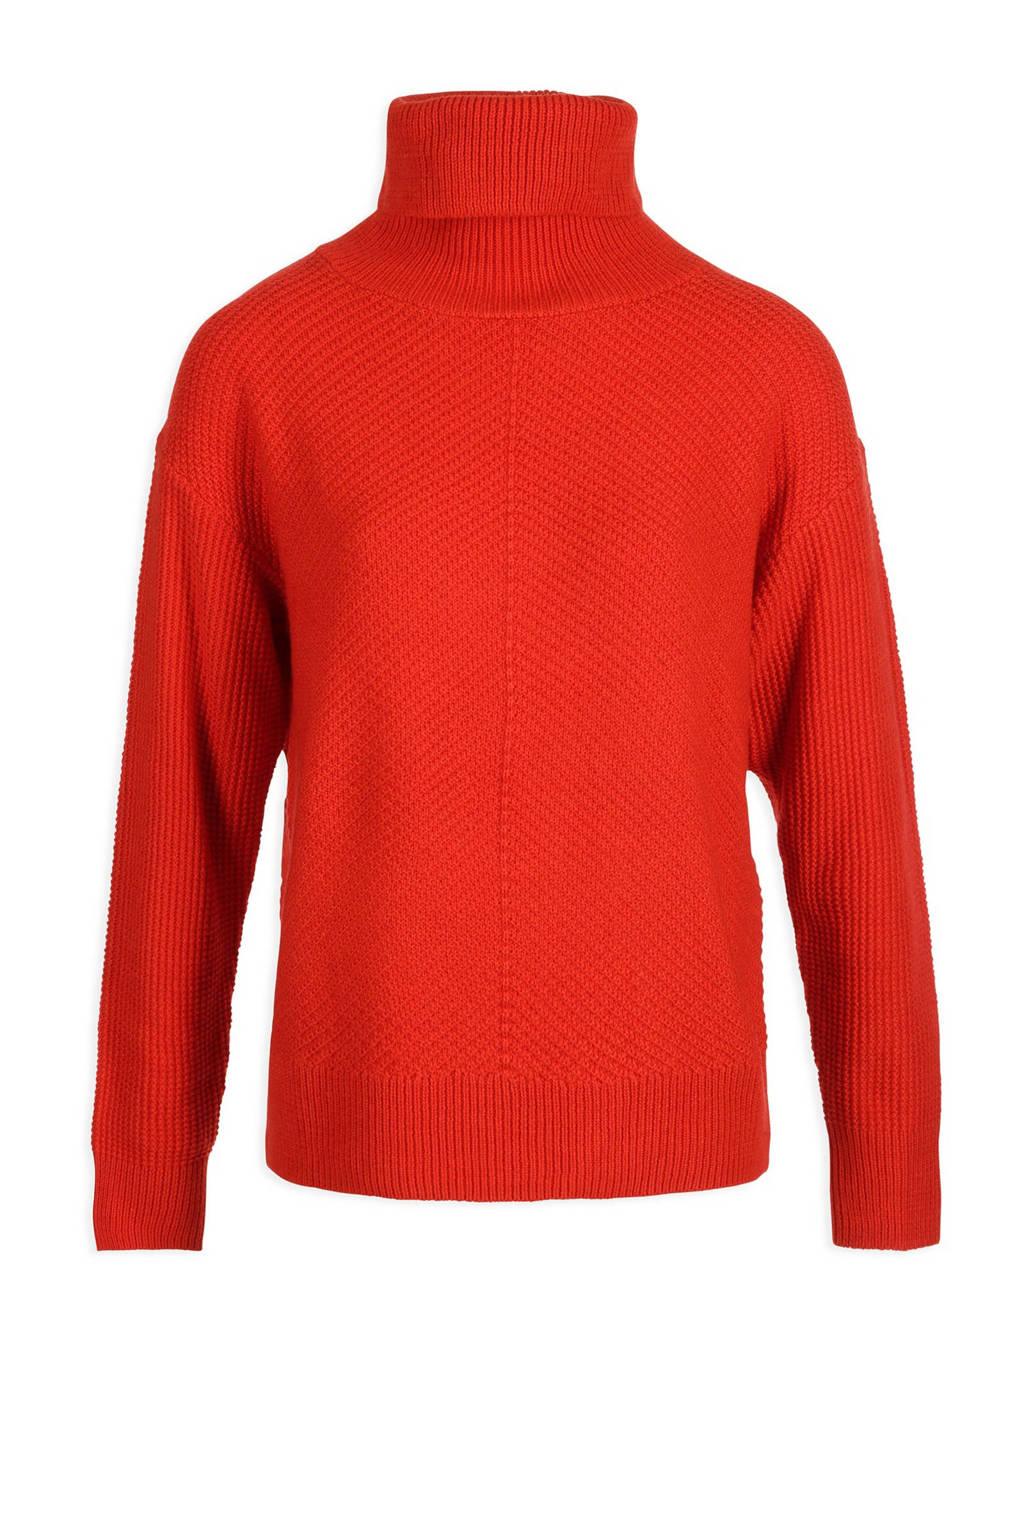 Morgan trui met wol rood, Rood